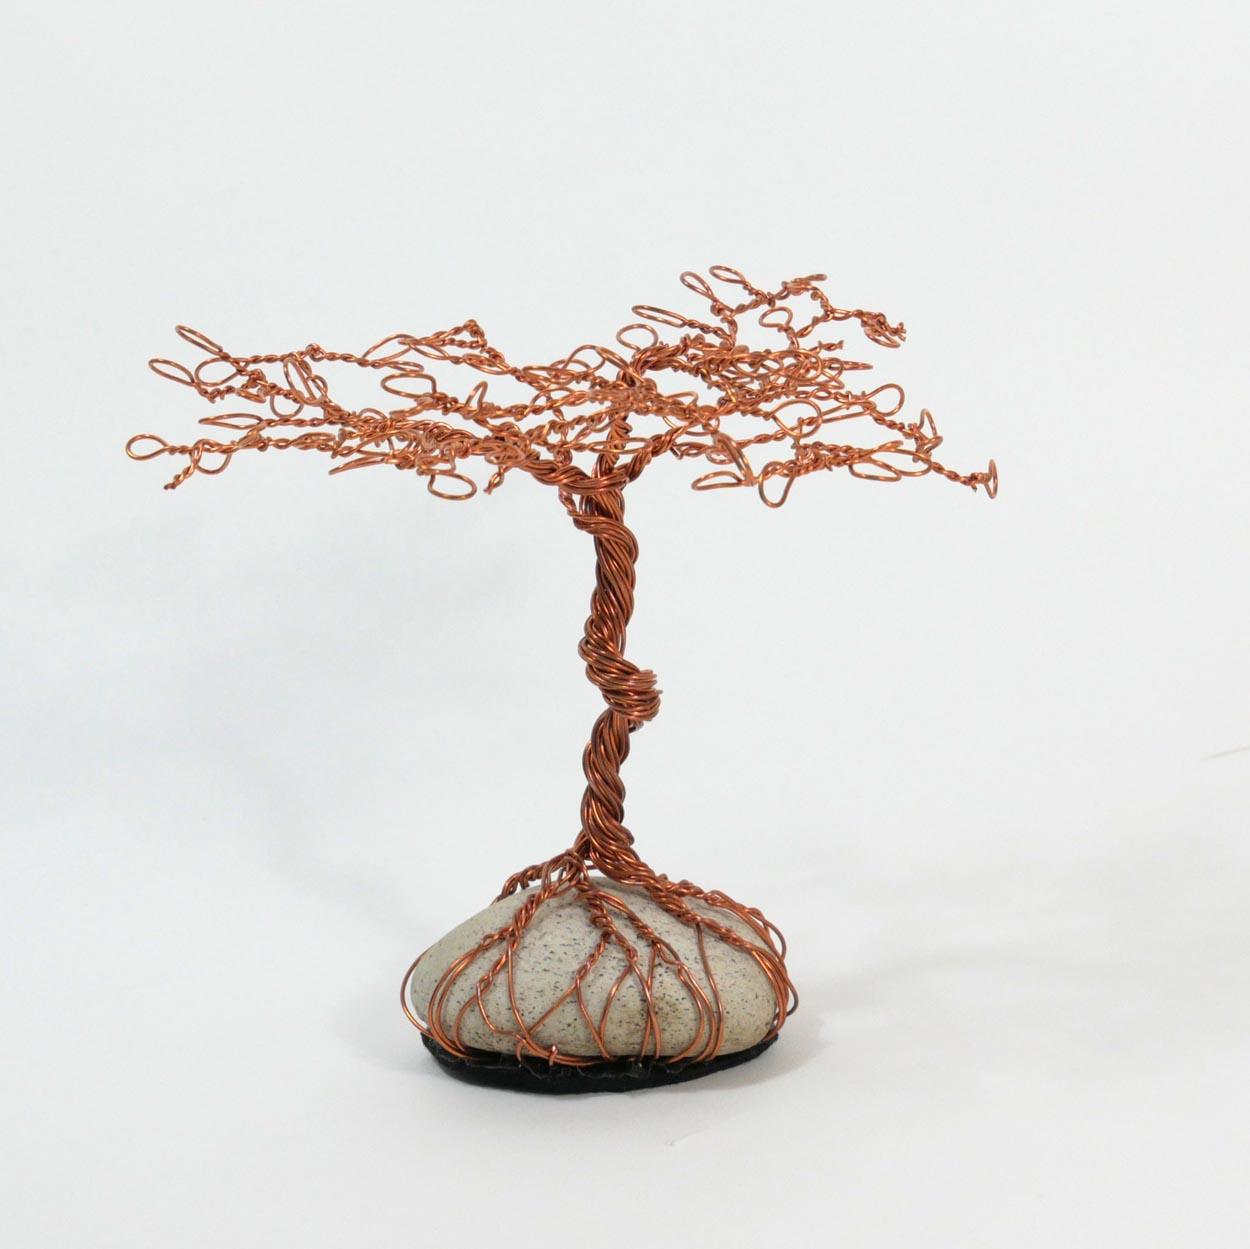 Afrikanischer Baum aus Kupferdraht (Akazie)